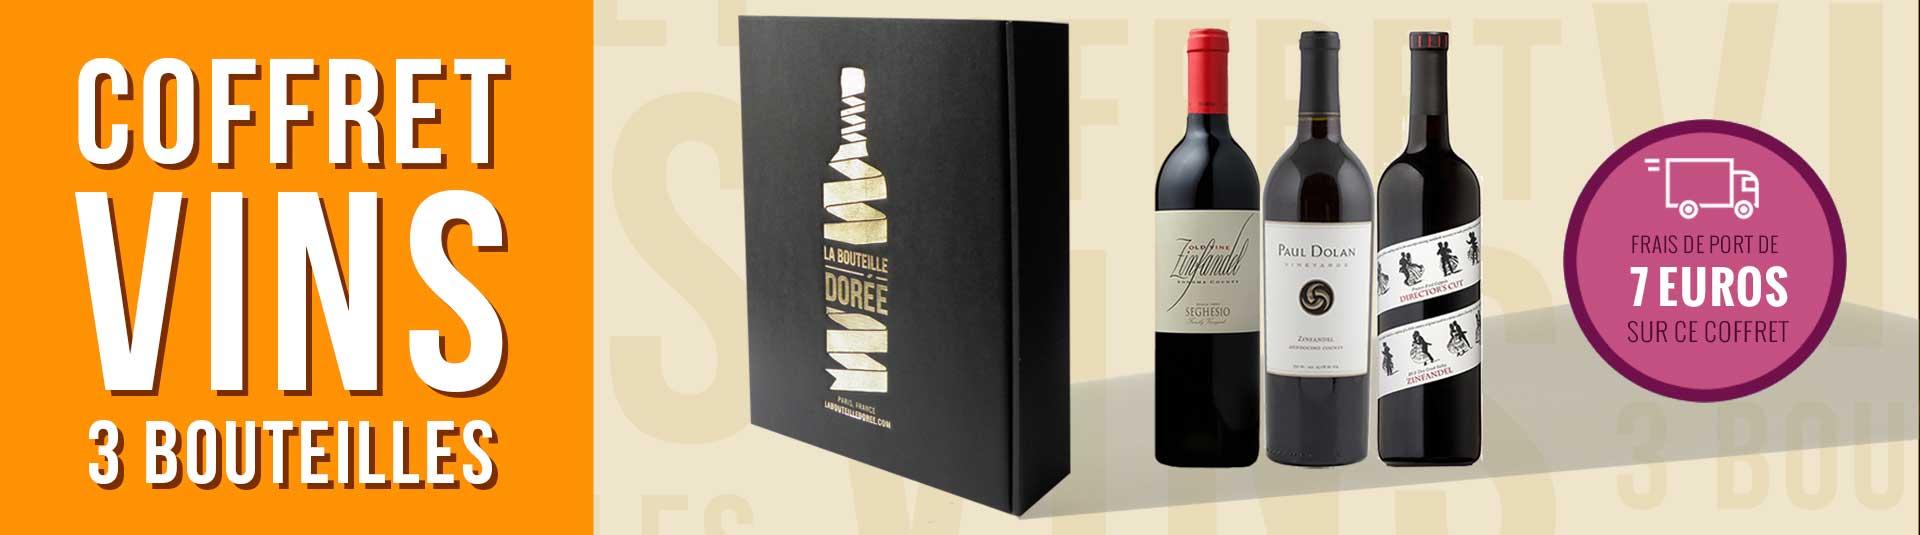 Coffret vin USA Zinfandel 3 bouteilles